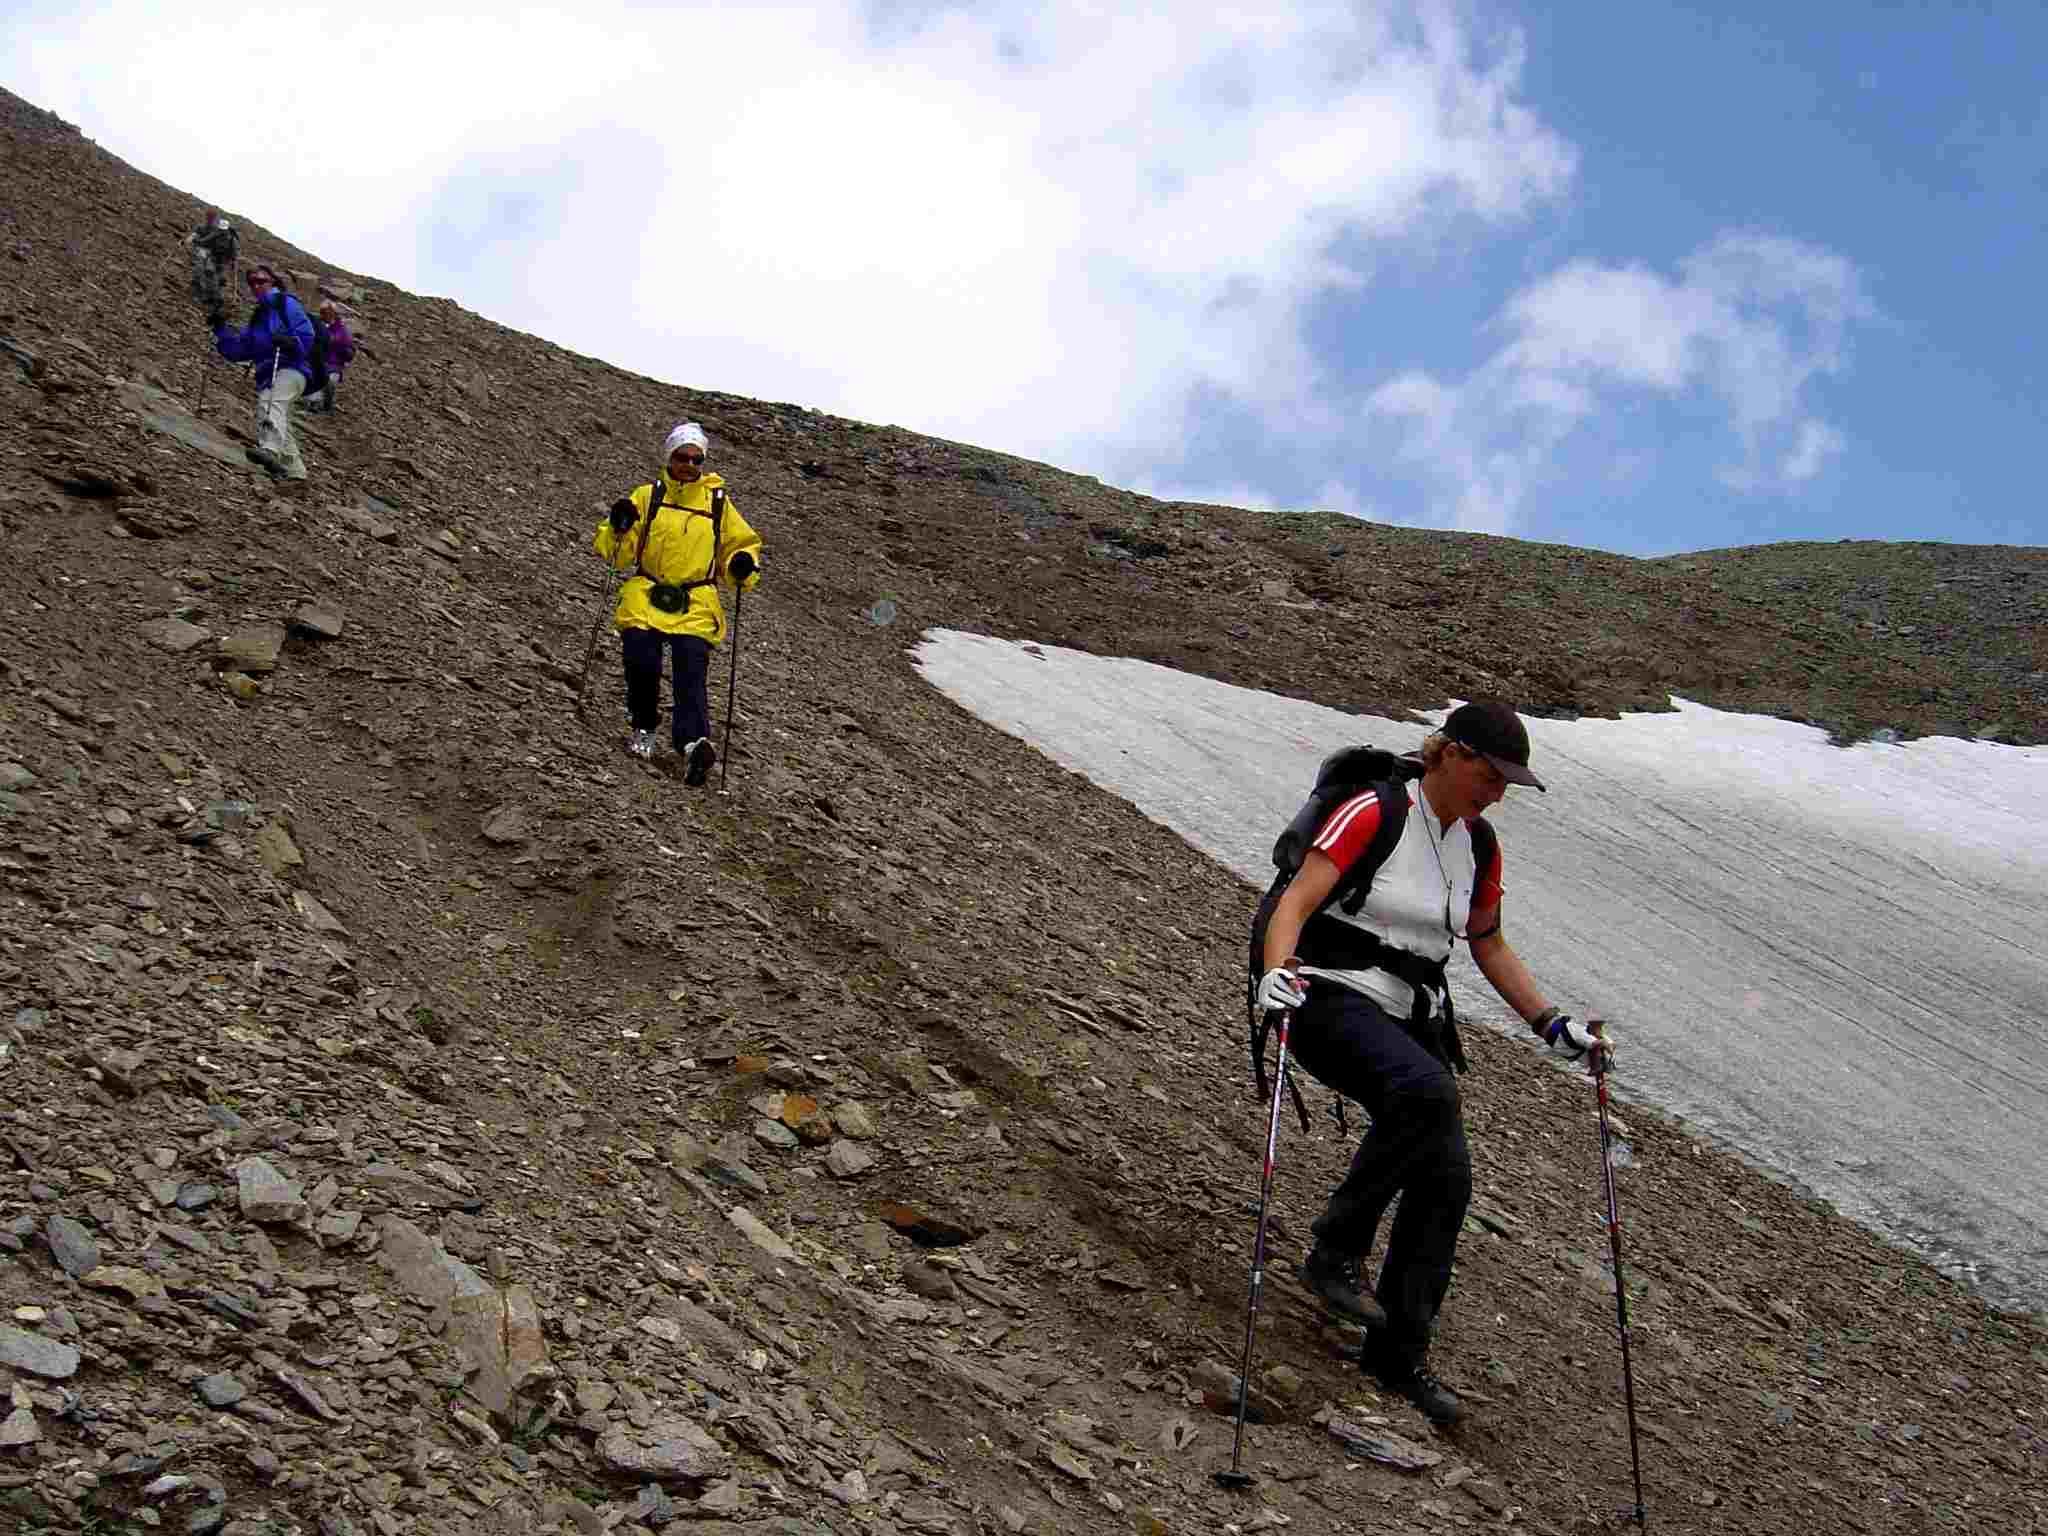 Foto: Manfred Karl / Wander Tour / Über Blumenwiesen auf die Racherin / Relativ steil geht es im oberen Teil der Rinne abwärts. / 17.06.2007 06:23:42